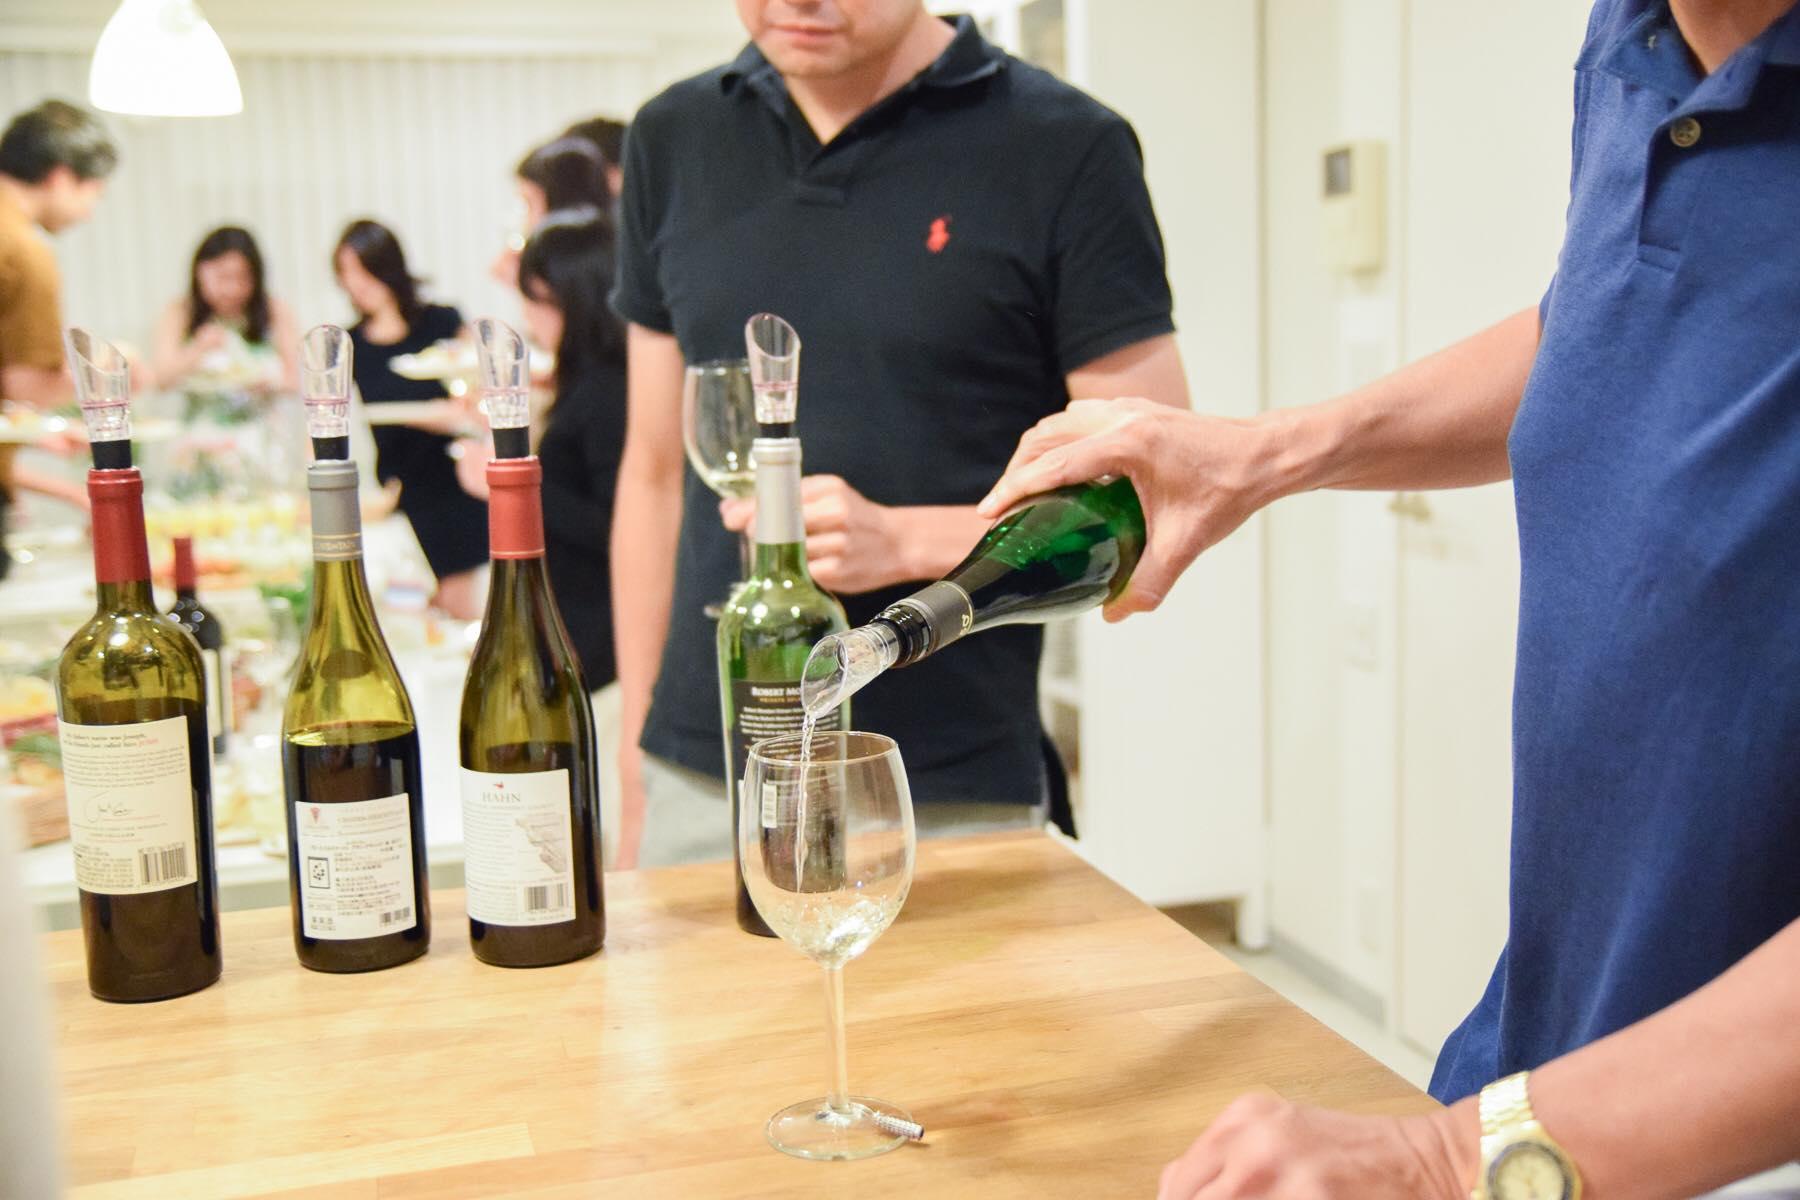 グローバルワインセミナー 【セッション#2】を開催しました。